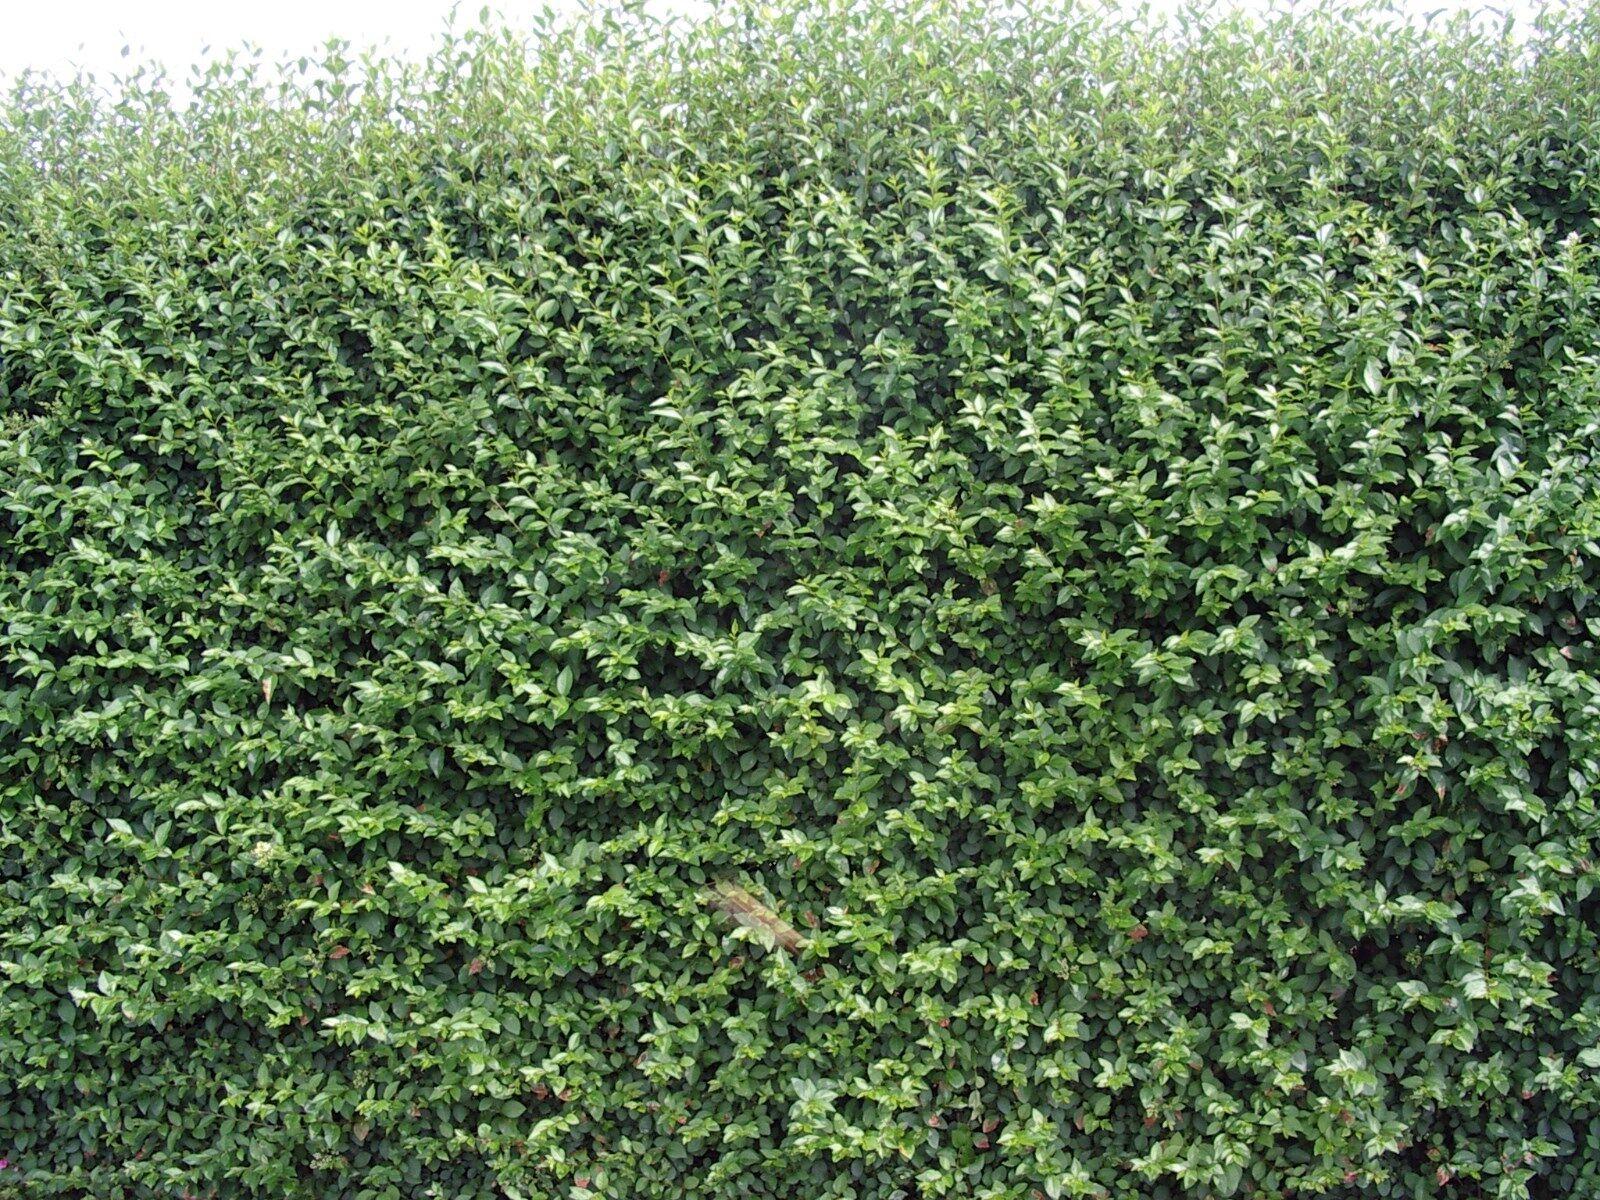 10 green privet hedging plants ligustrum hedge 40 60cm. Black Bedroom Furniture Sets. Home Design Ideas